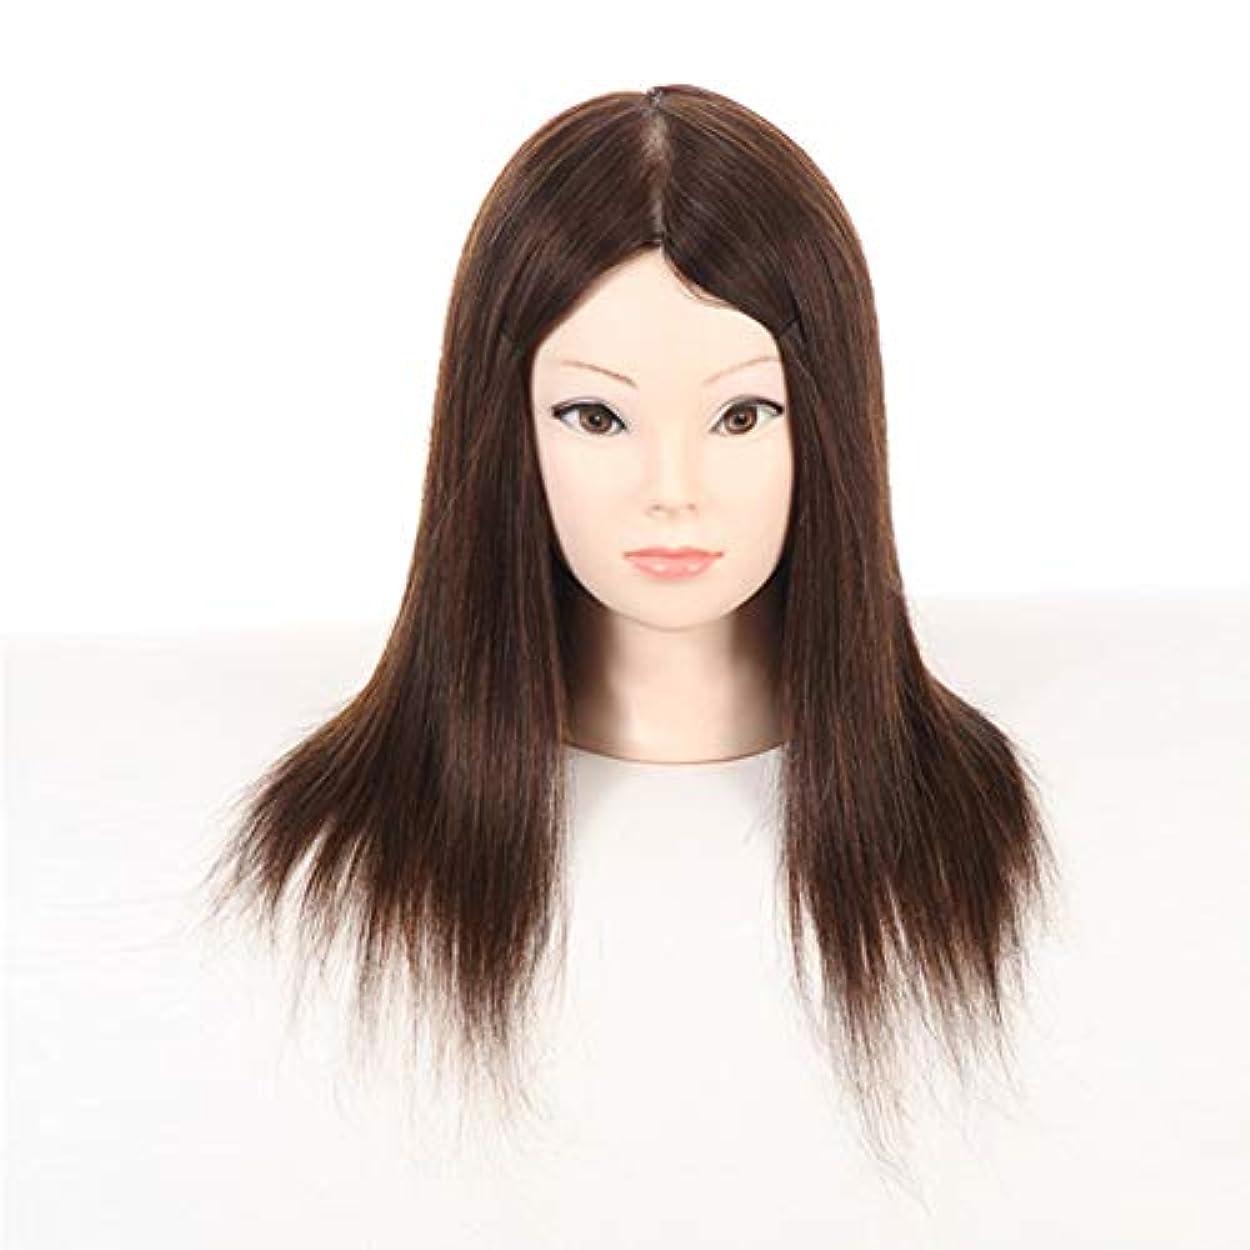 選挙毎年累積本物の髪髪編組髪ヘアホット染料ヘッド型サロンモデリングウィッグエクササイズヘッド散髪学習ダミーヘッド